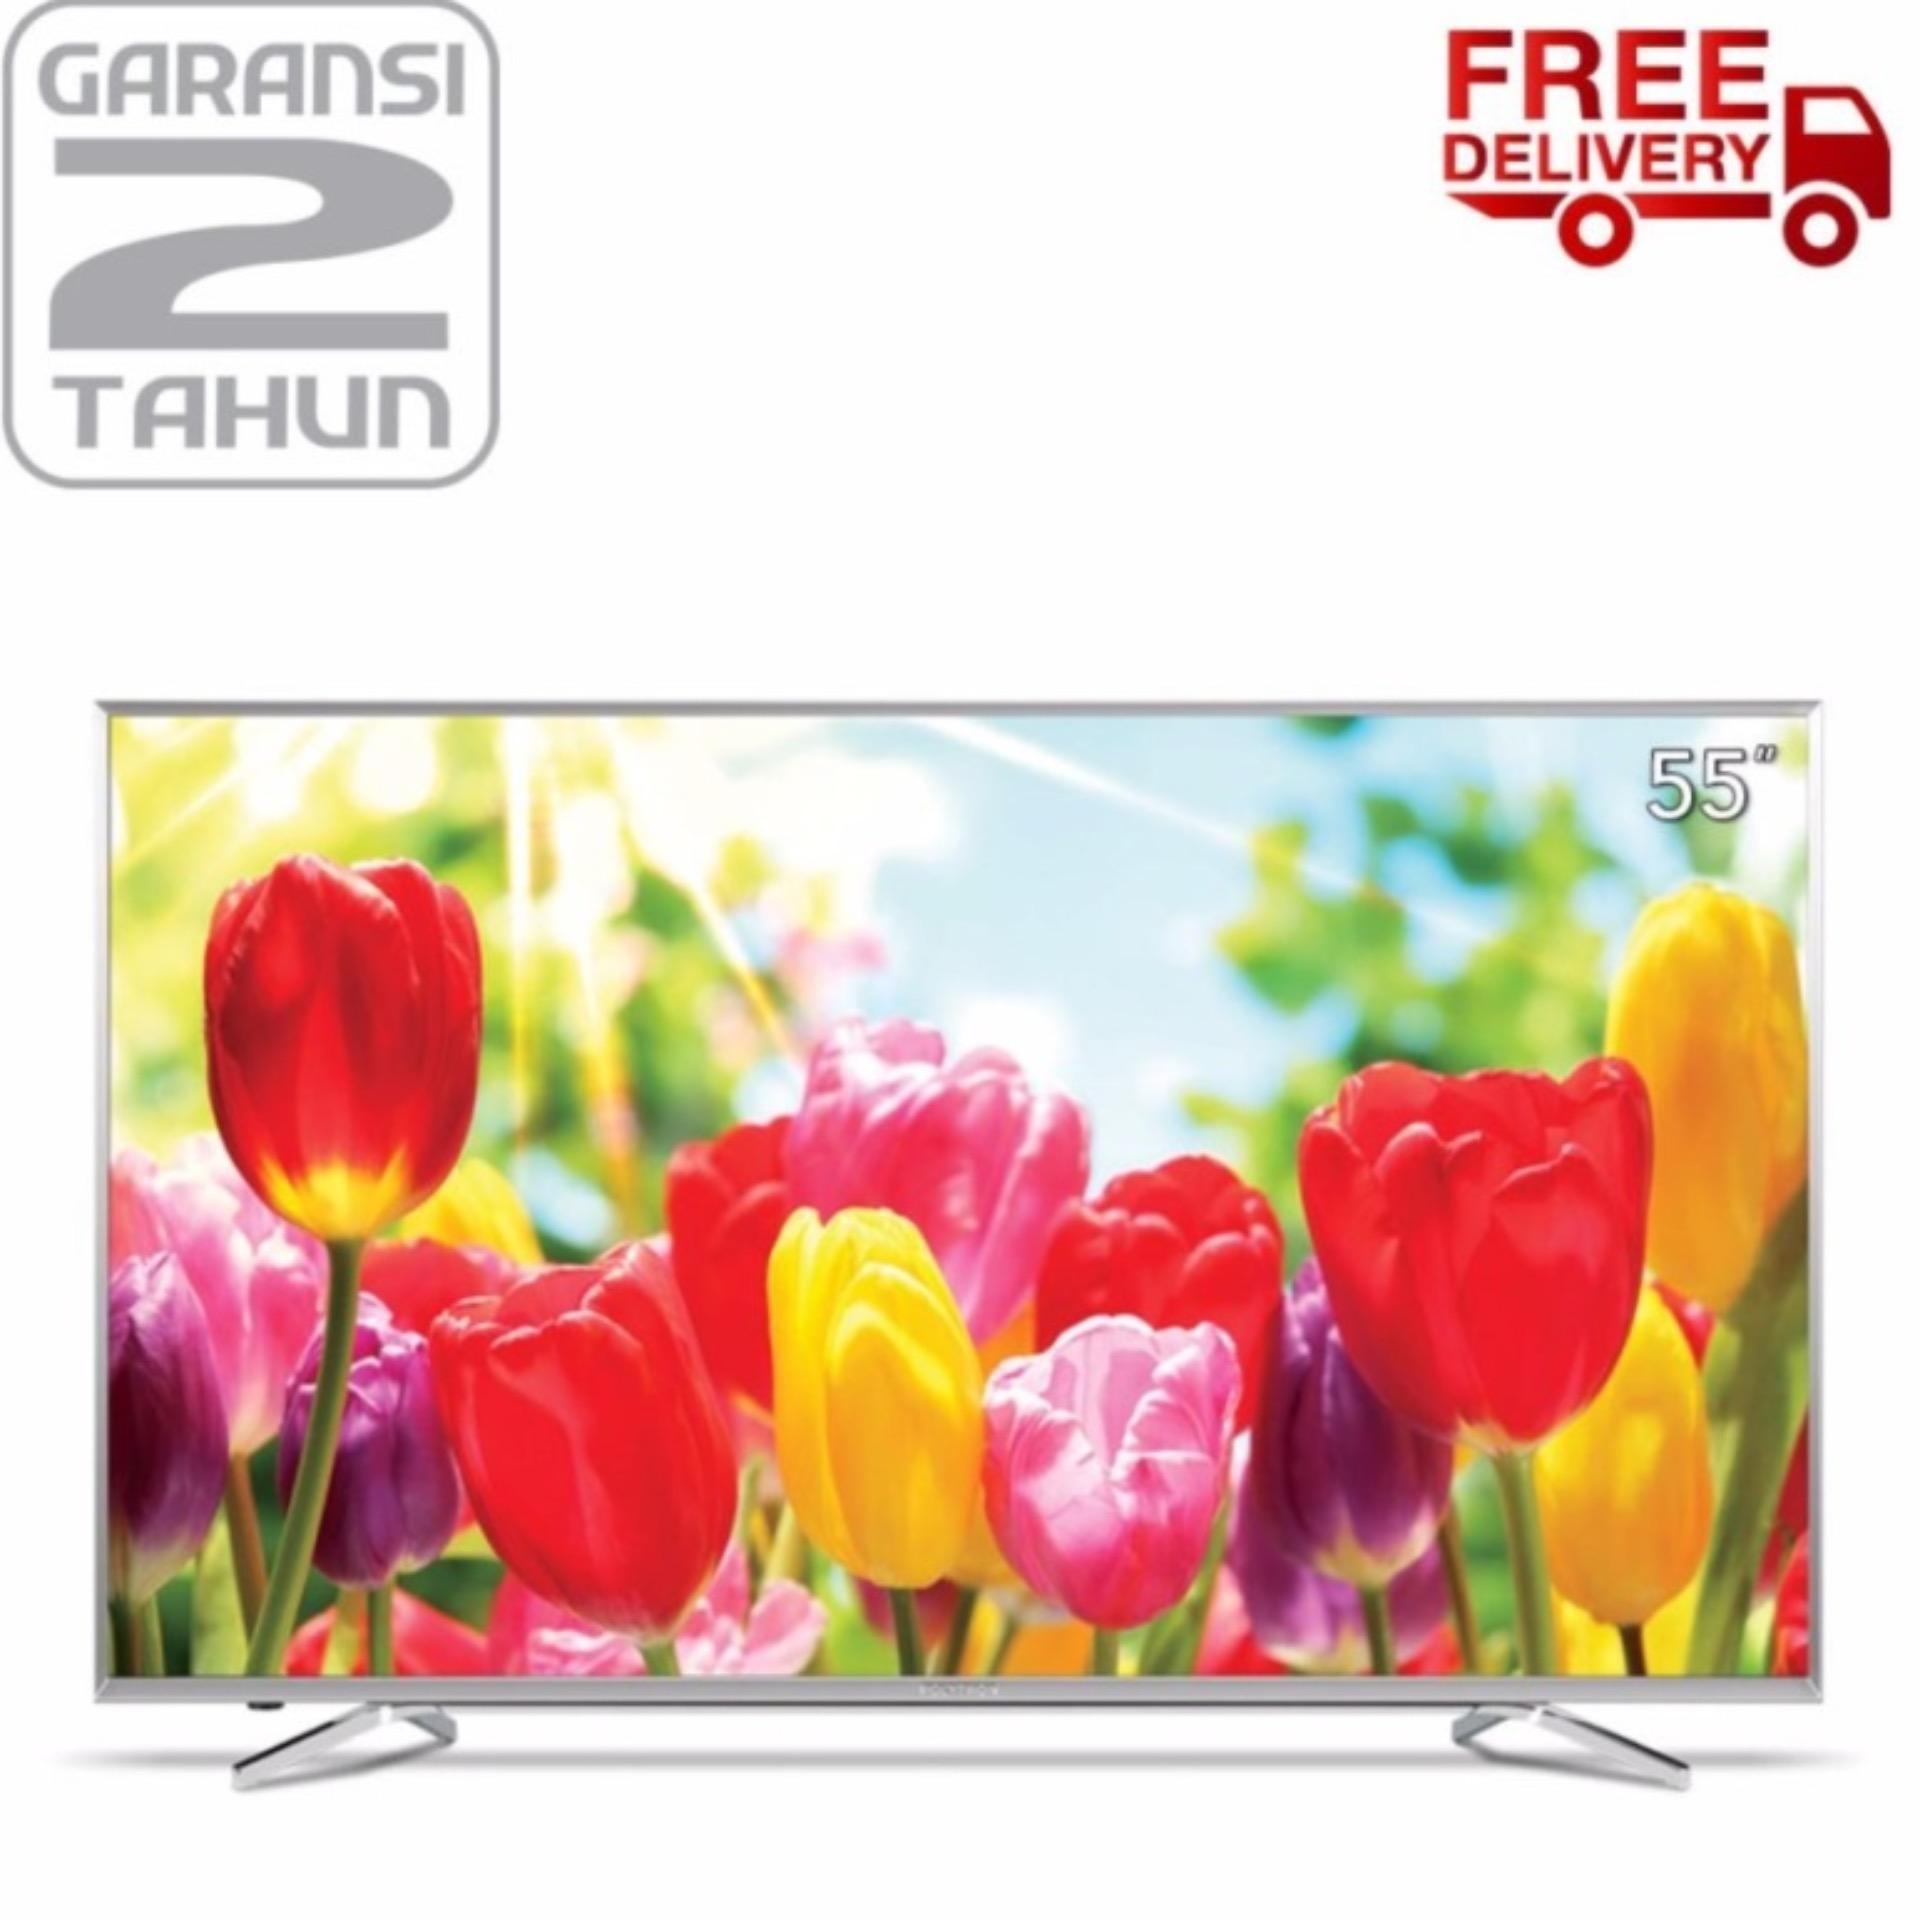 ... POLYTRON 4K SMART ULTRA HD LED TV PLD 55UV5900 - TV LED 55 ...